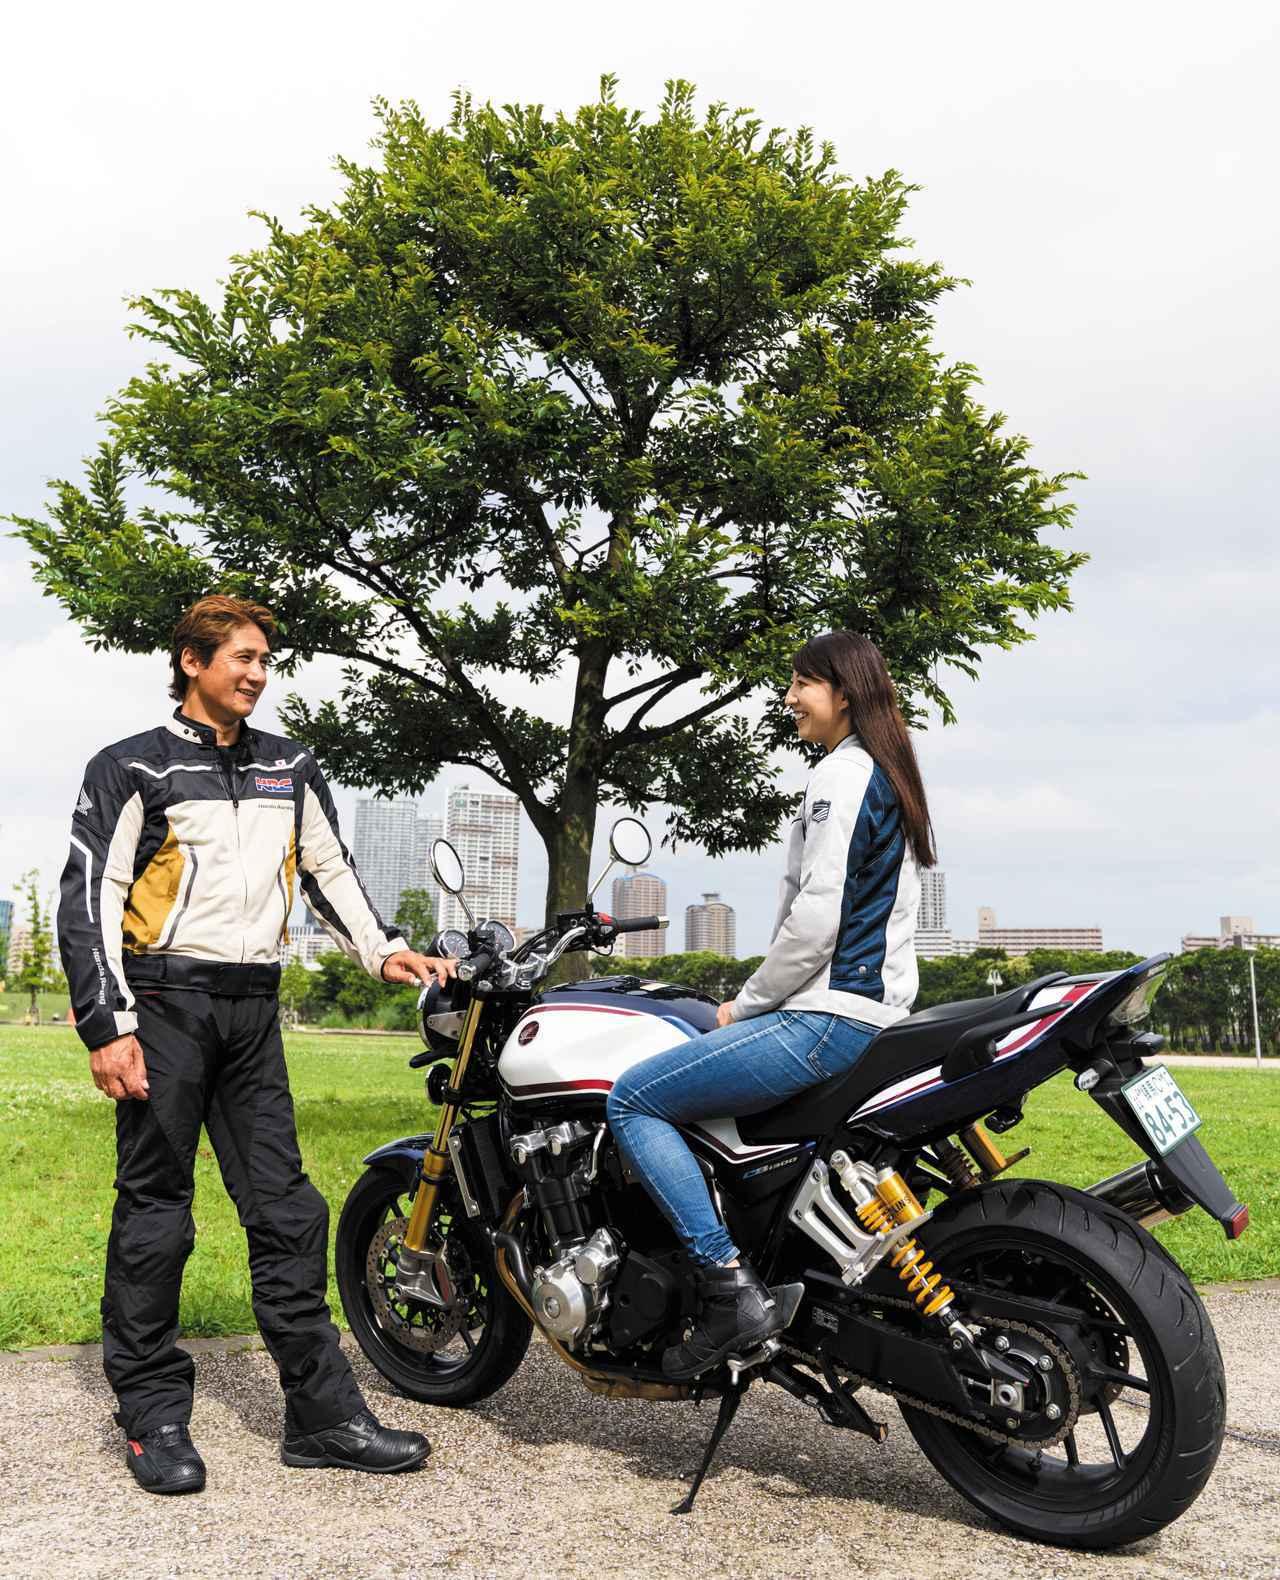 画像2: ホンダでもっとも高価なネイキッドバイク「CB1300SF SP」を伊藤真一さんがインプレ! 特別仕様車「SP」の魅力を徹底解説